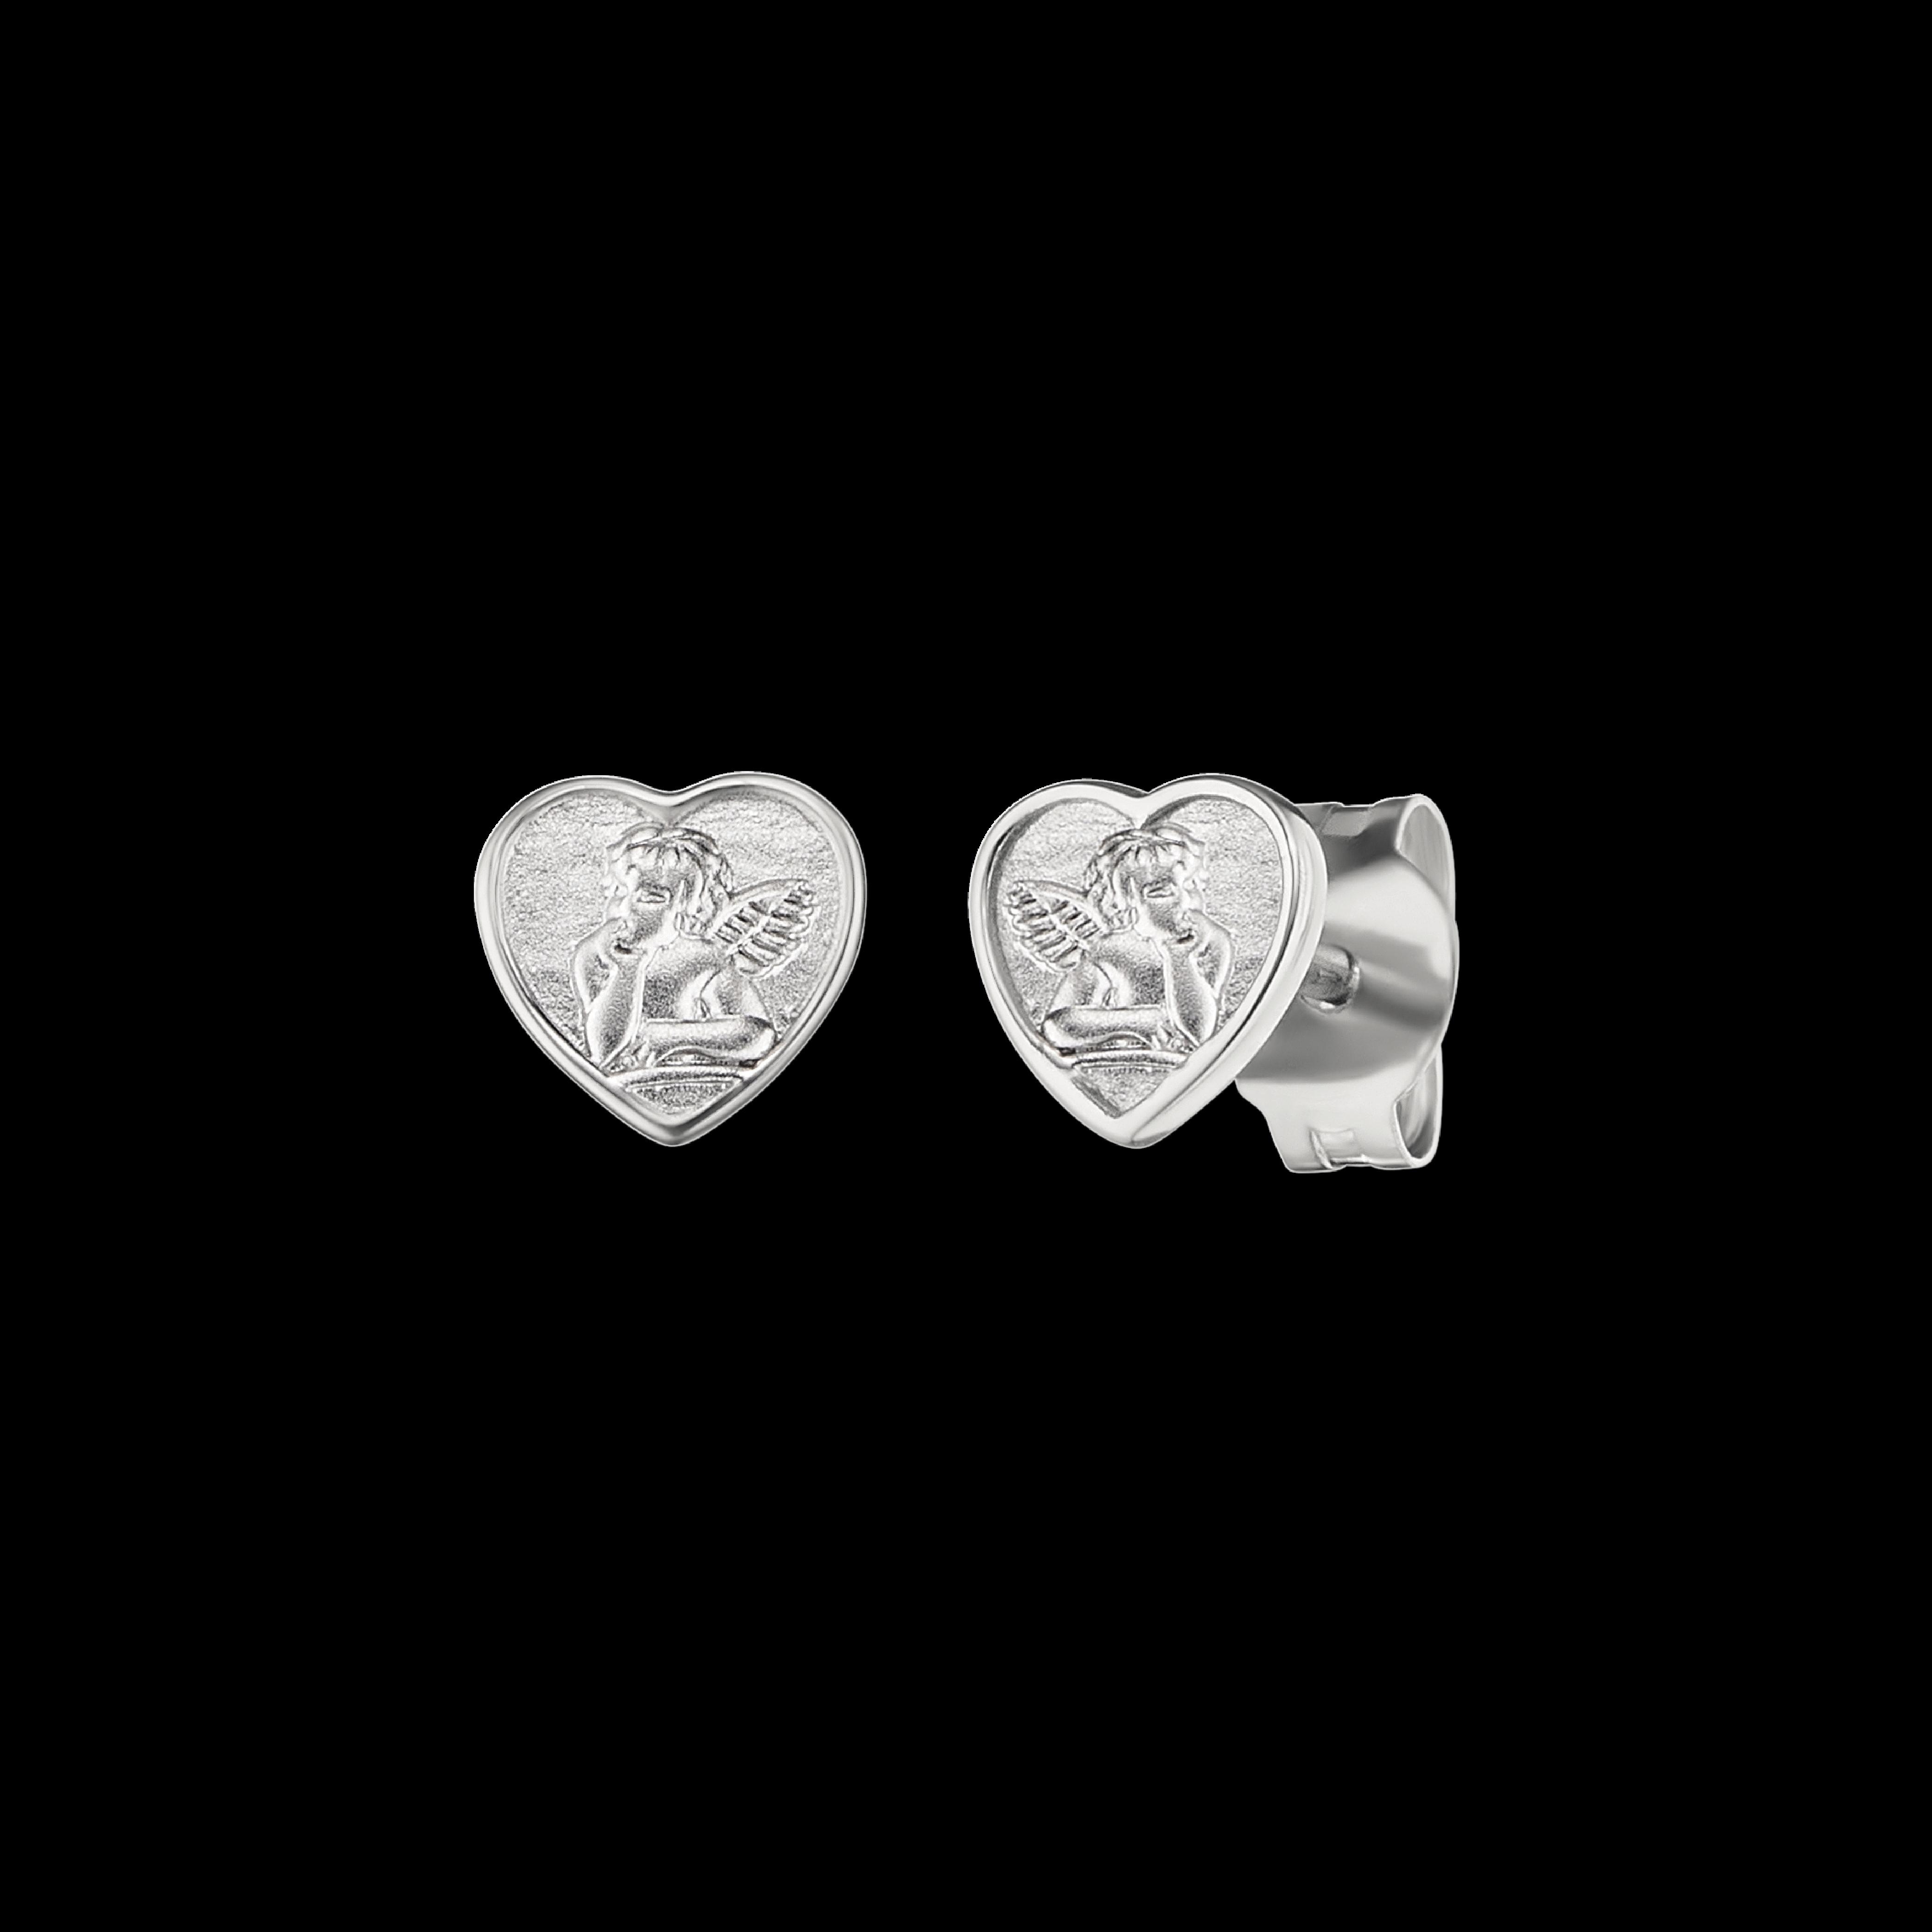 Herzengel Ohrstecker Silber